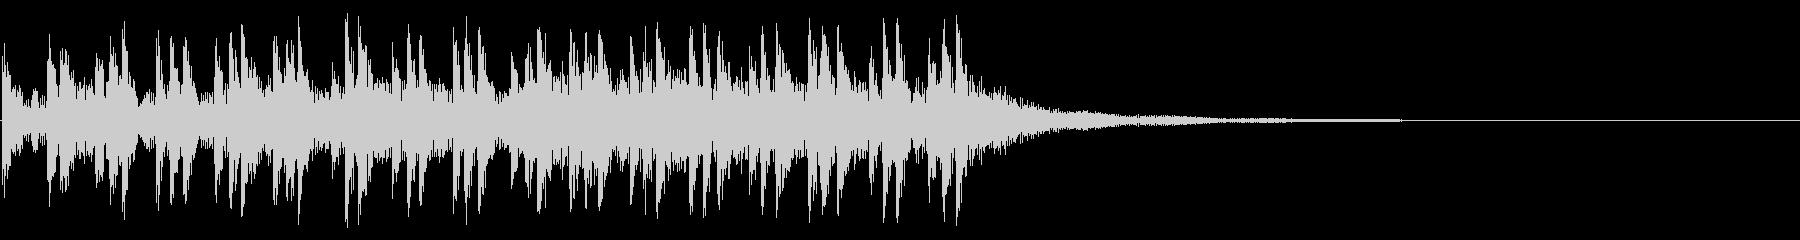 ティンパニ:ギャロッピングリズム、...の未再生の波形